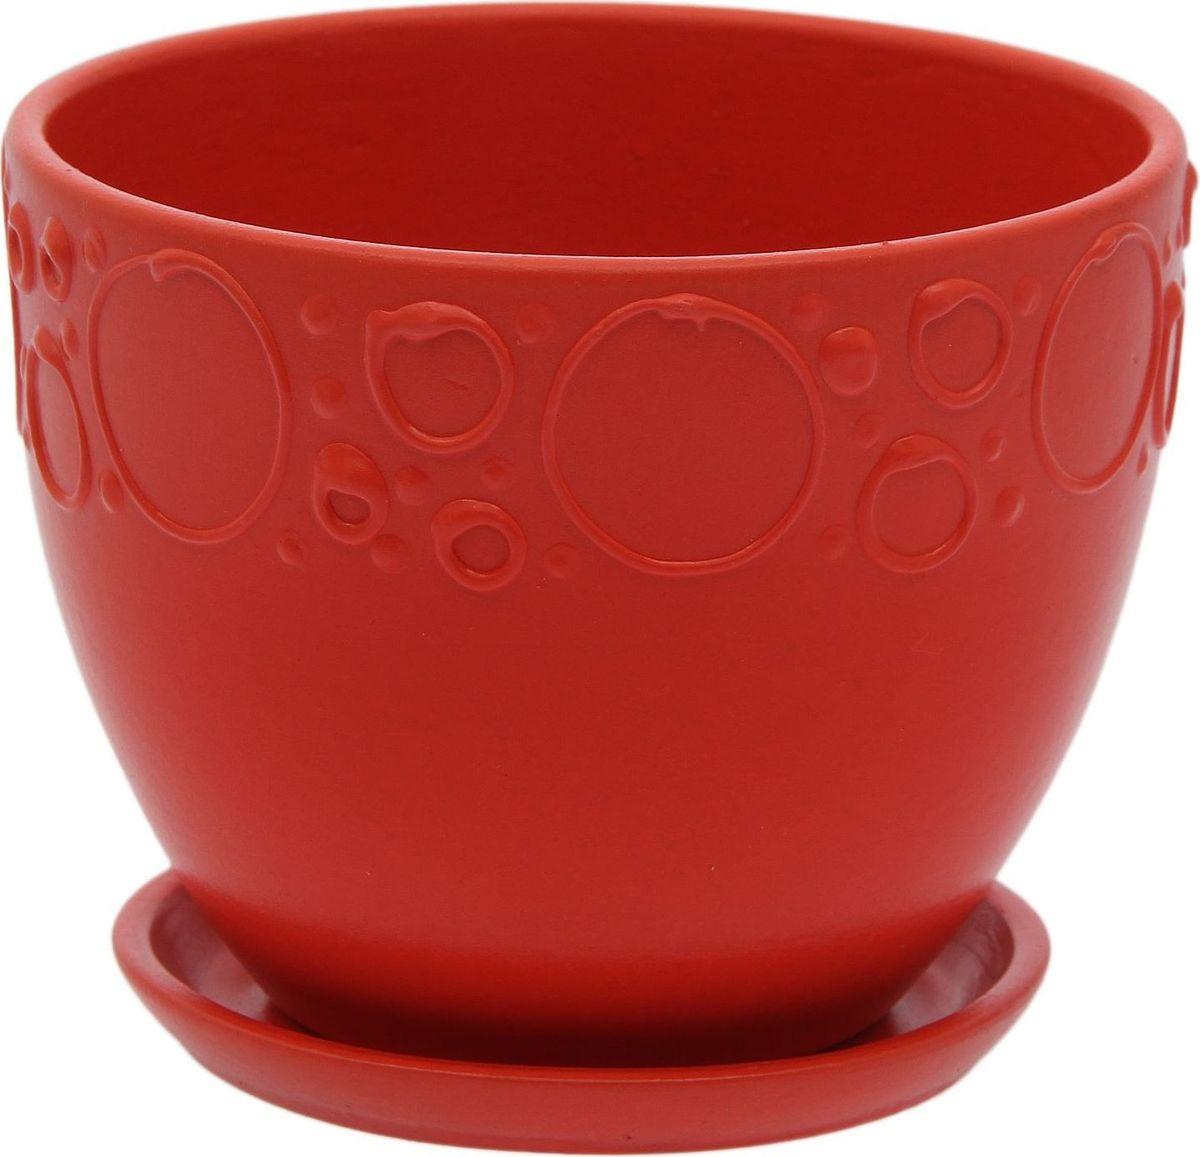 Кашпо Пузыри, цвет: красный, 1,5 л2015530Комнатные растения — всеобщие любимцы. Они радуют глаз, насыщают помещение кислородом и украшают пространство. Каждому из них необходим свой удобный и красивый дом. Кашпо из керамики прекрасно подходят для высадки растений: за счёт пластичности глины и разных способов обработки существует великое множество форм и дизайновпористый материал позволяет испаряться лишней влагевоздух, необходимый для дыхания корней, проникает сквозь керамические стенки! #name# позаботится о зелёном питомце, освежит интерьер и подчеркнёт его стиль.